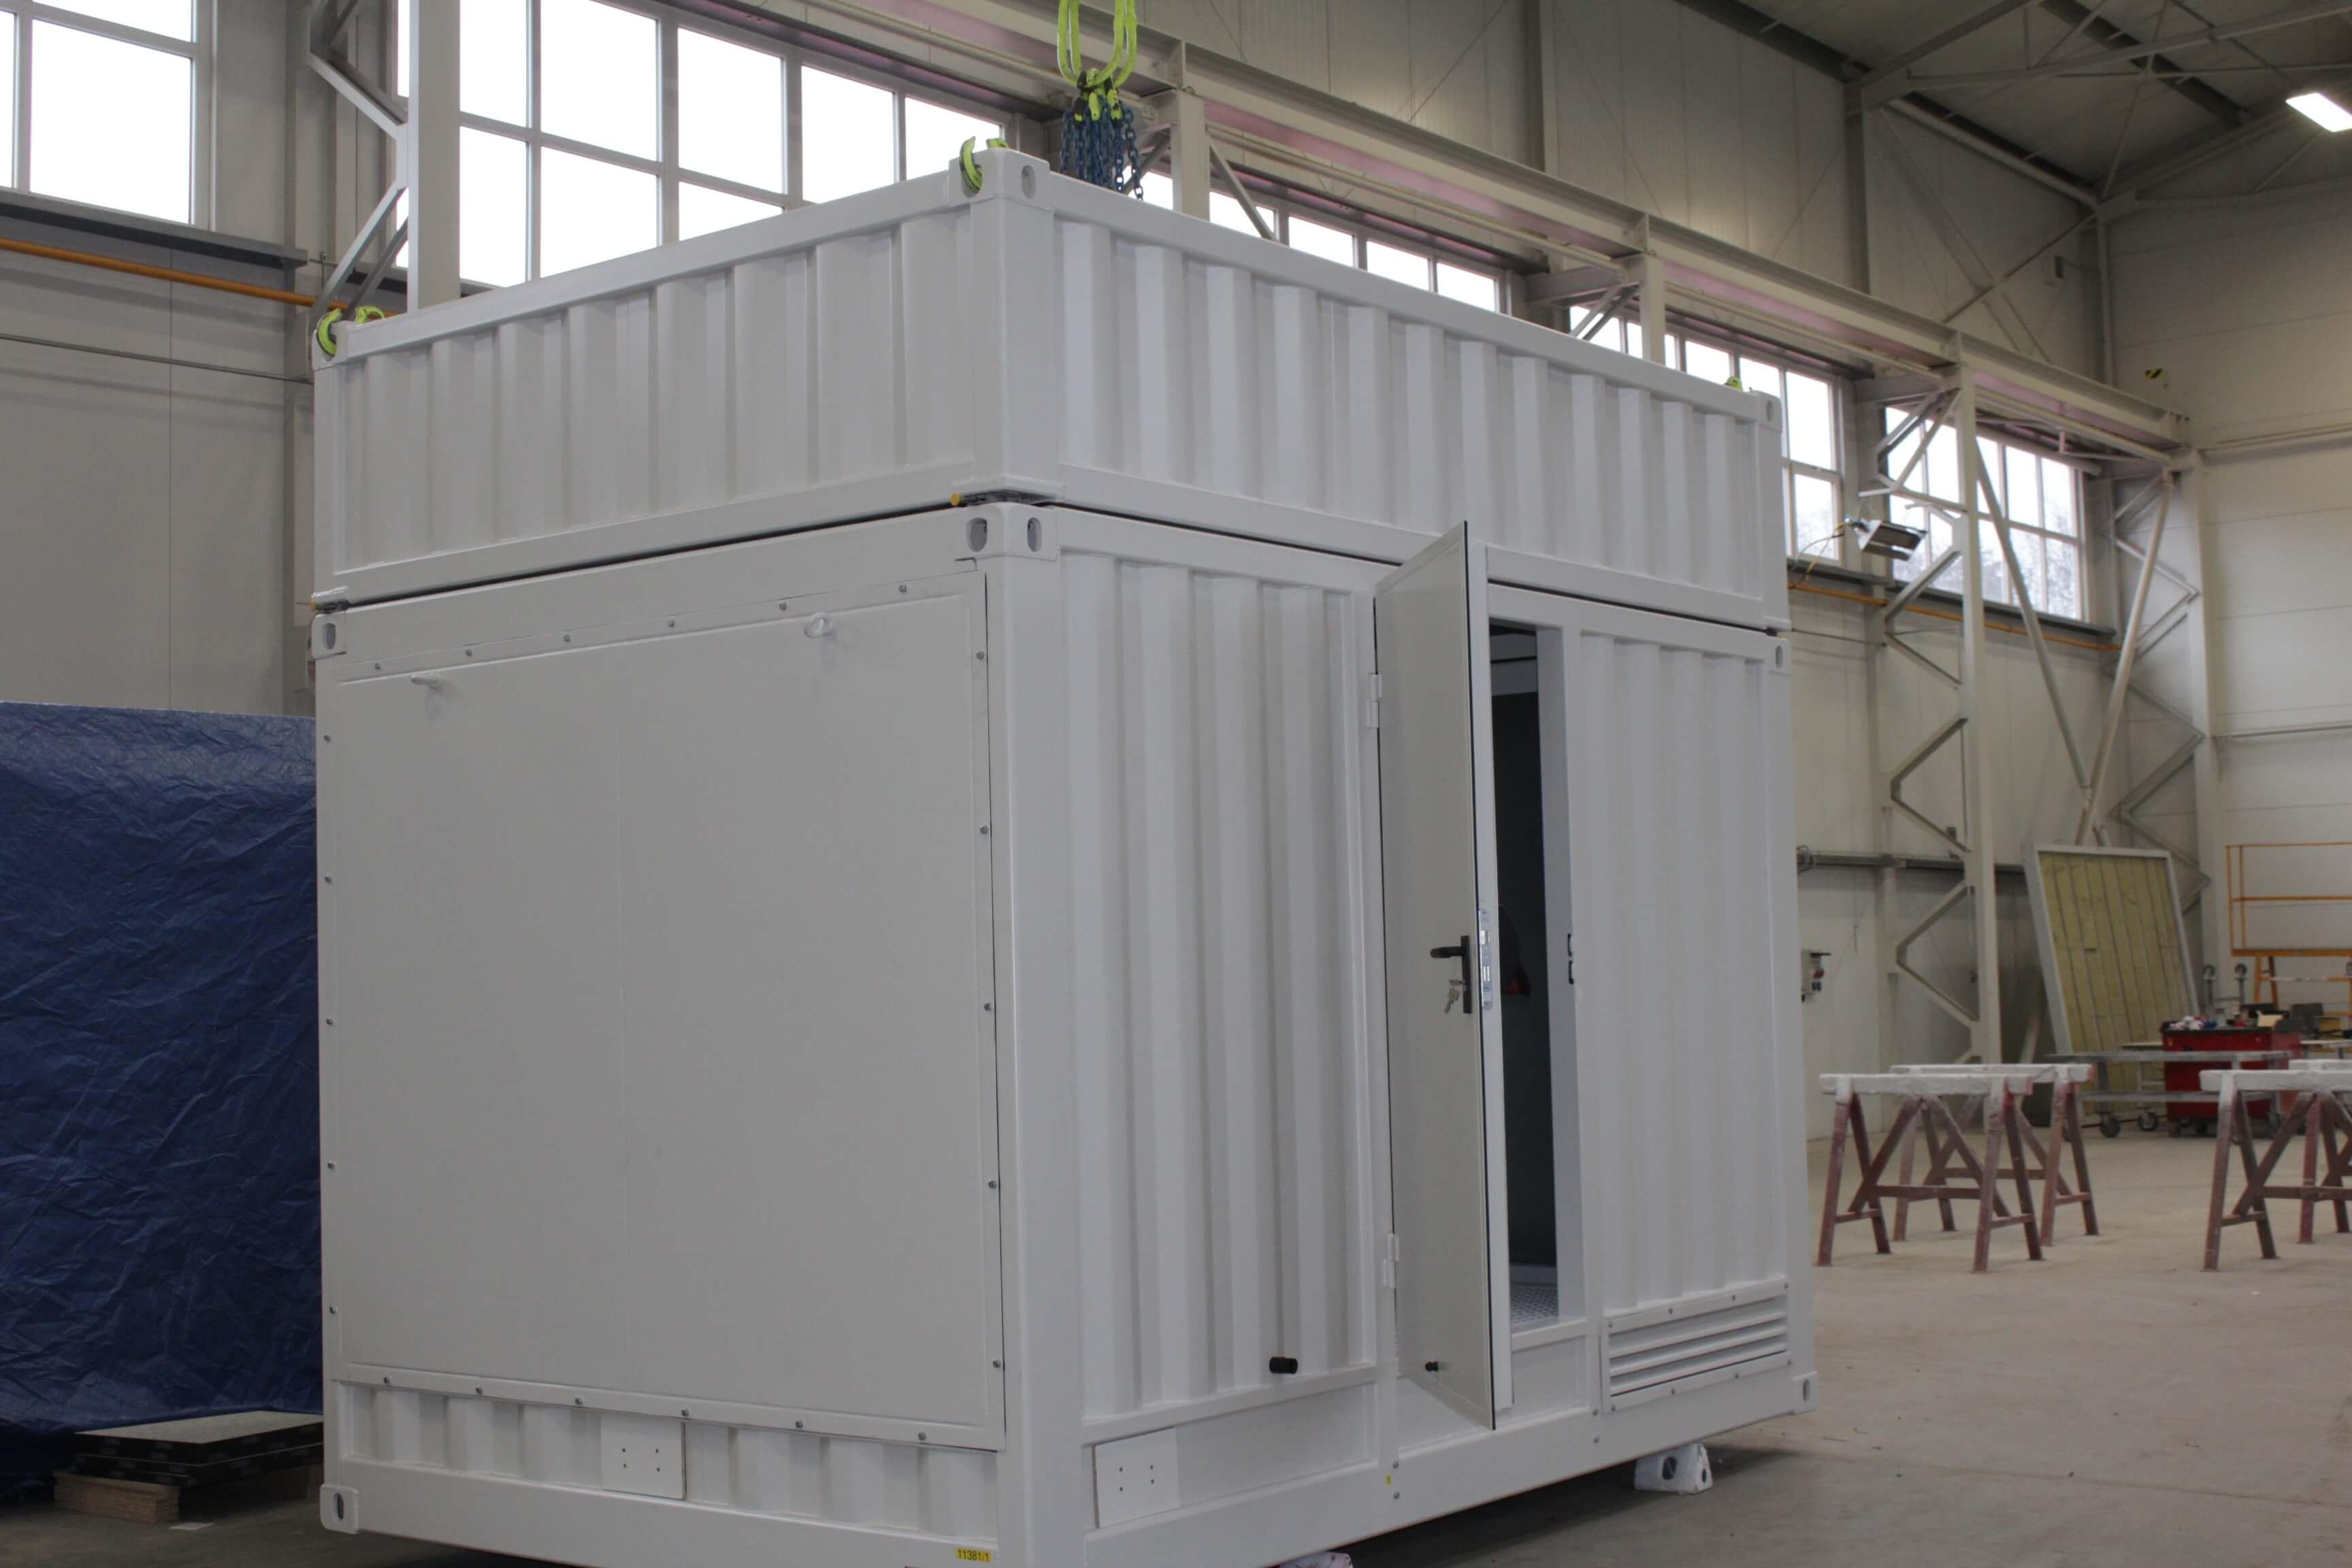 Container zur Erzeugung von Wasserstoff, ausgestattet mit abnehmbarerer Haube, Wettergittern, Türen, Auskleidung